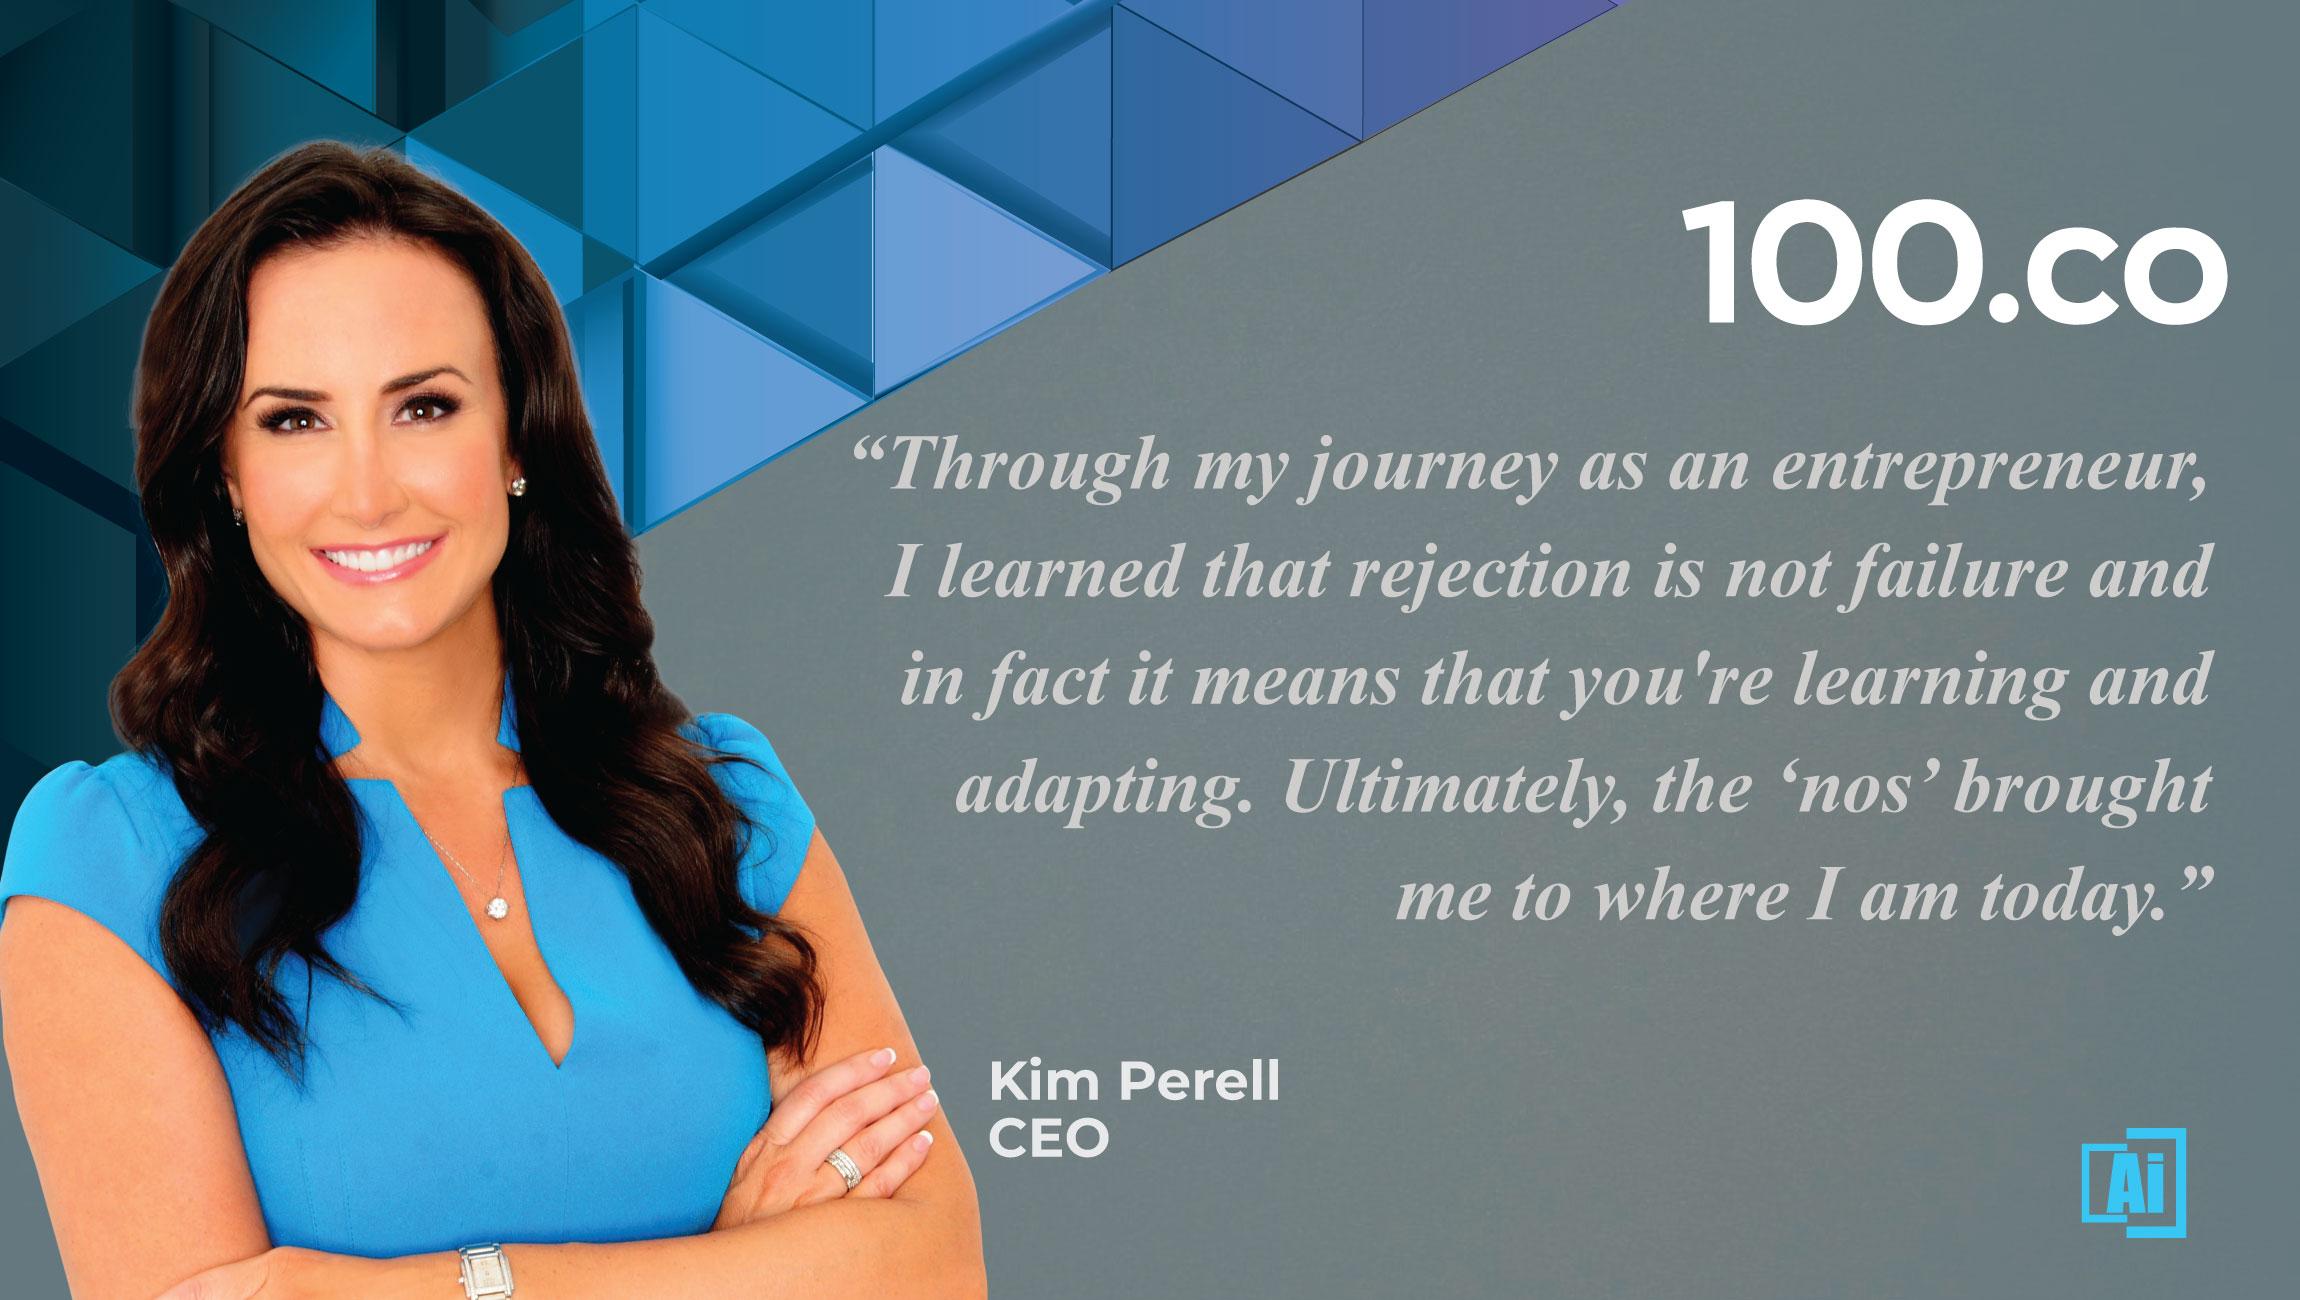 Kim Perell, CEO, 100.co